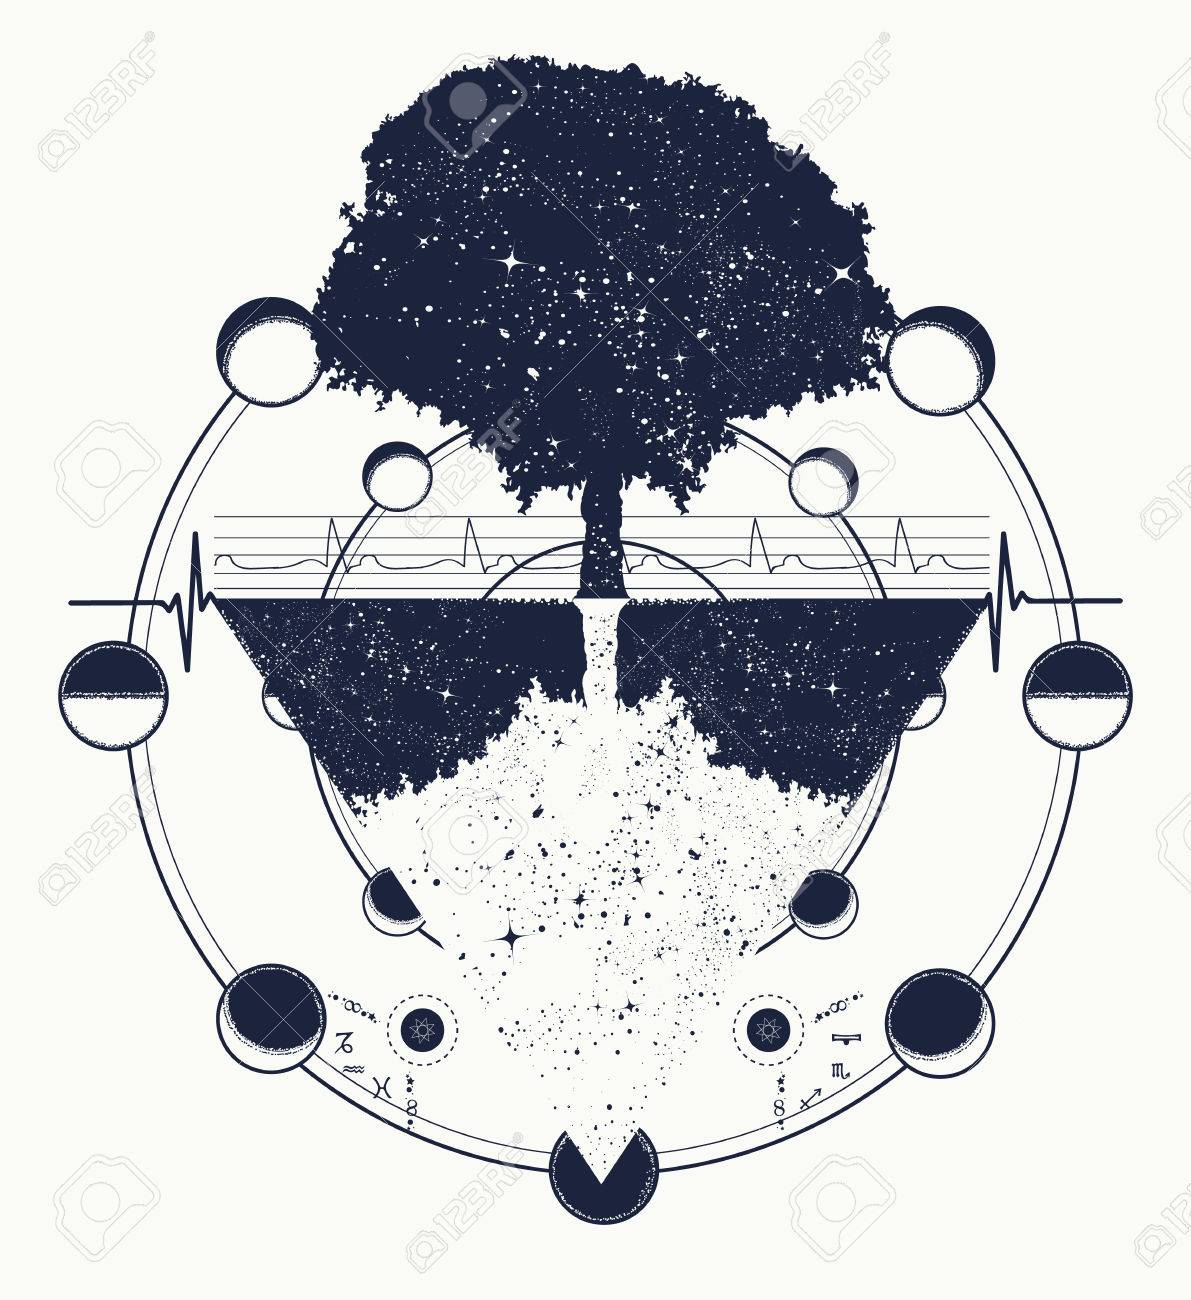 Arbre De Vie Tatouage Art Style Géométrique Symbole Tribal Mystique Le Futur Et Le Passé Symbole De La Vie Et De La Mort Le Style Bohème De